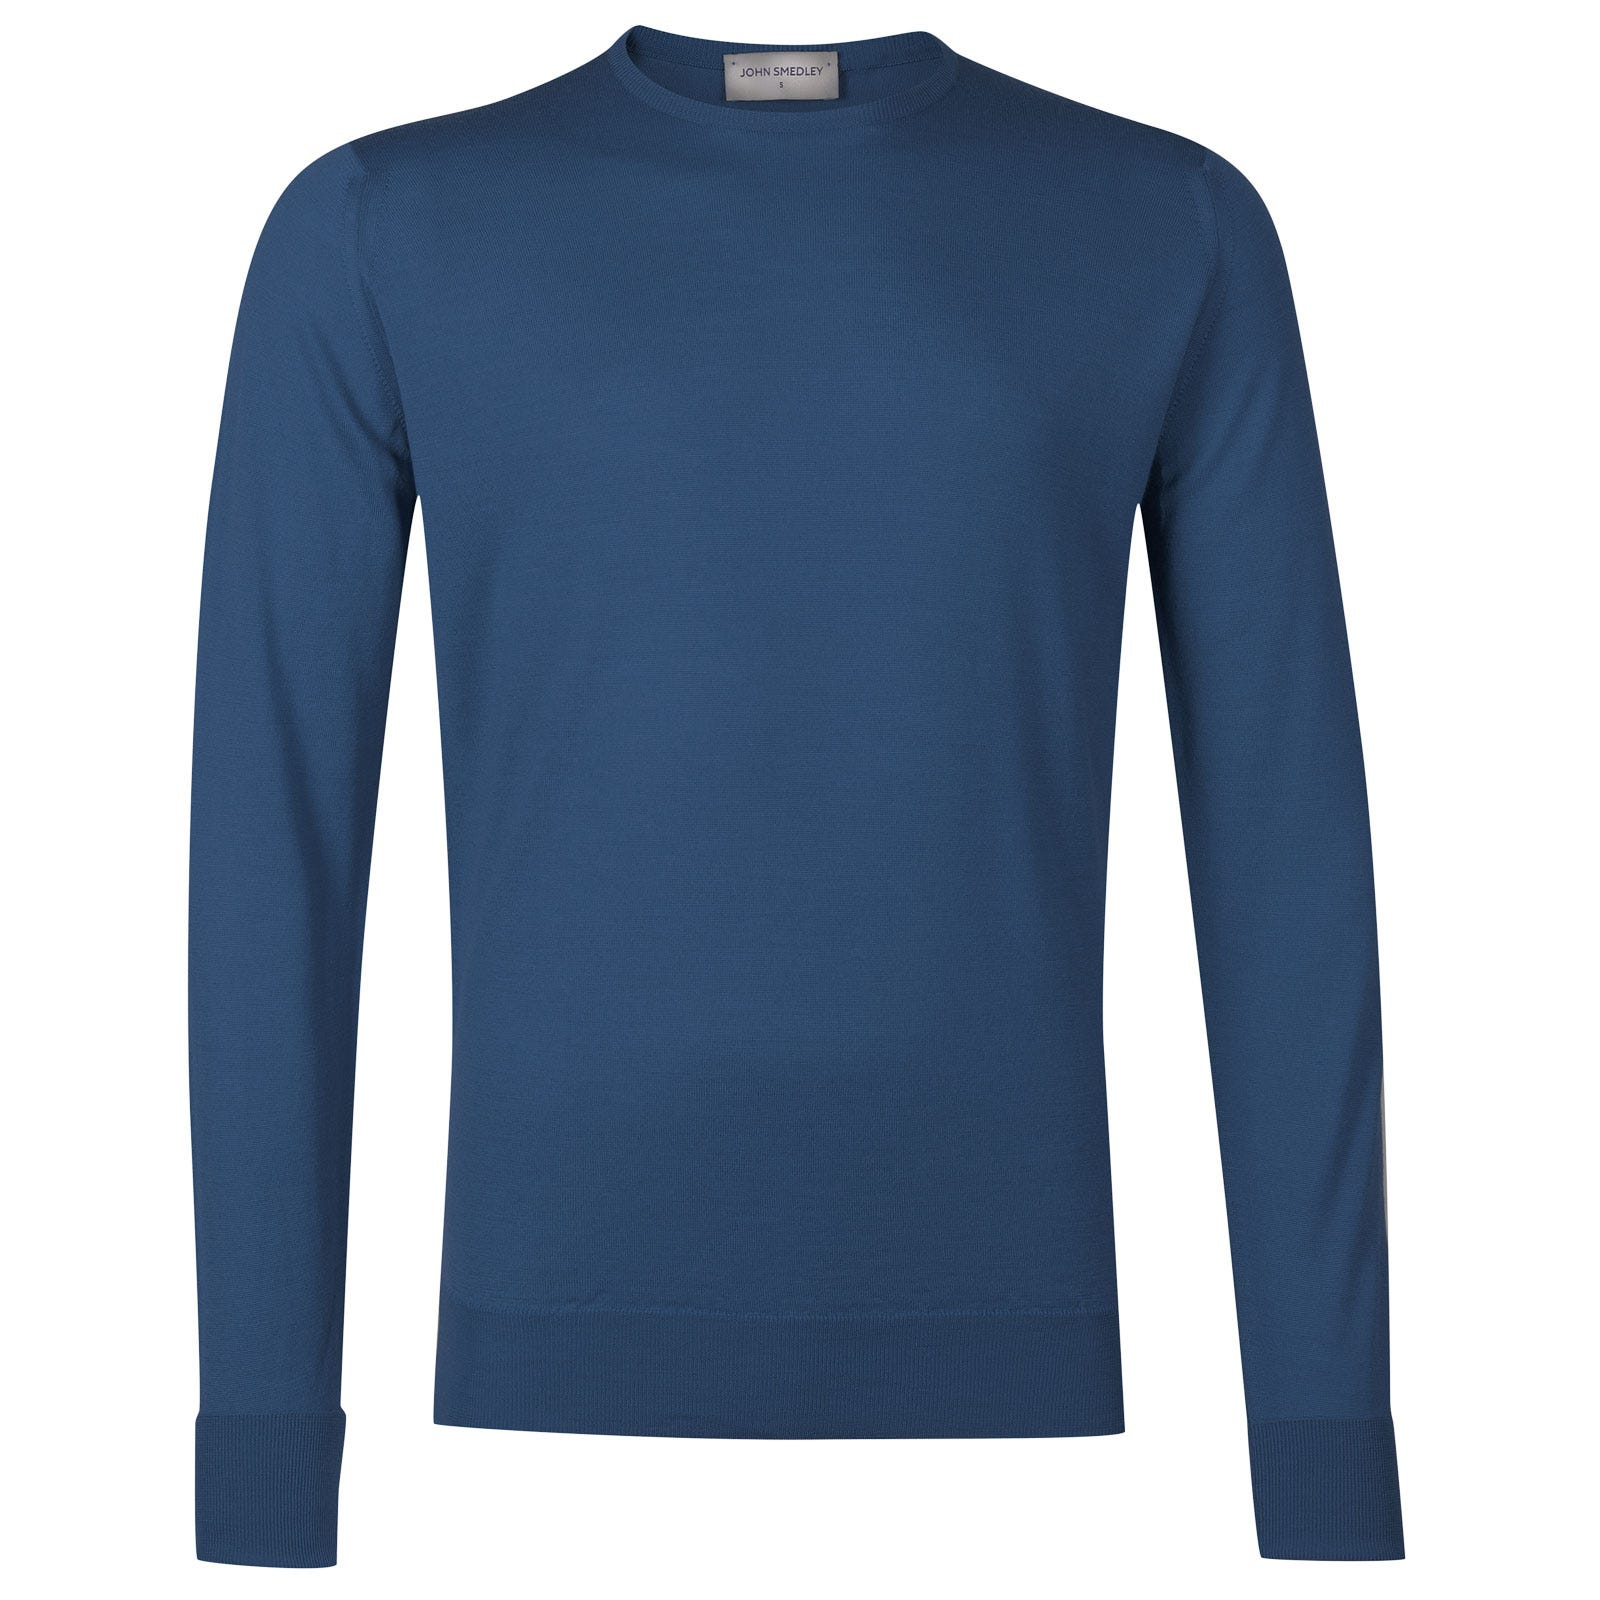 John Smedley marcus Merino Wool Pullover in Derwent Blue-M